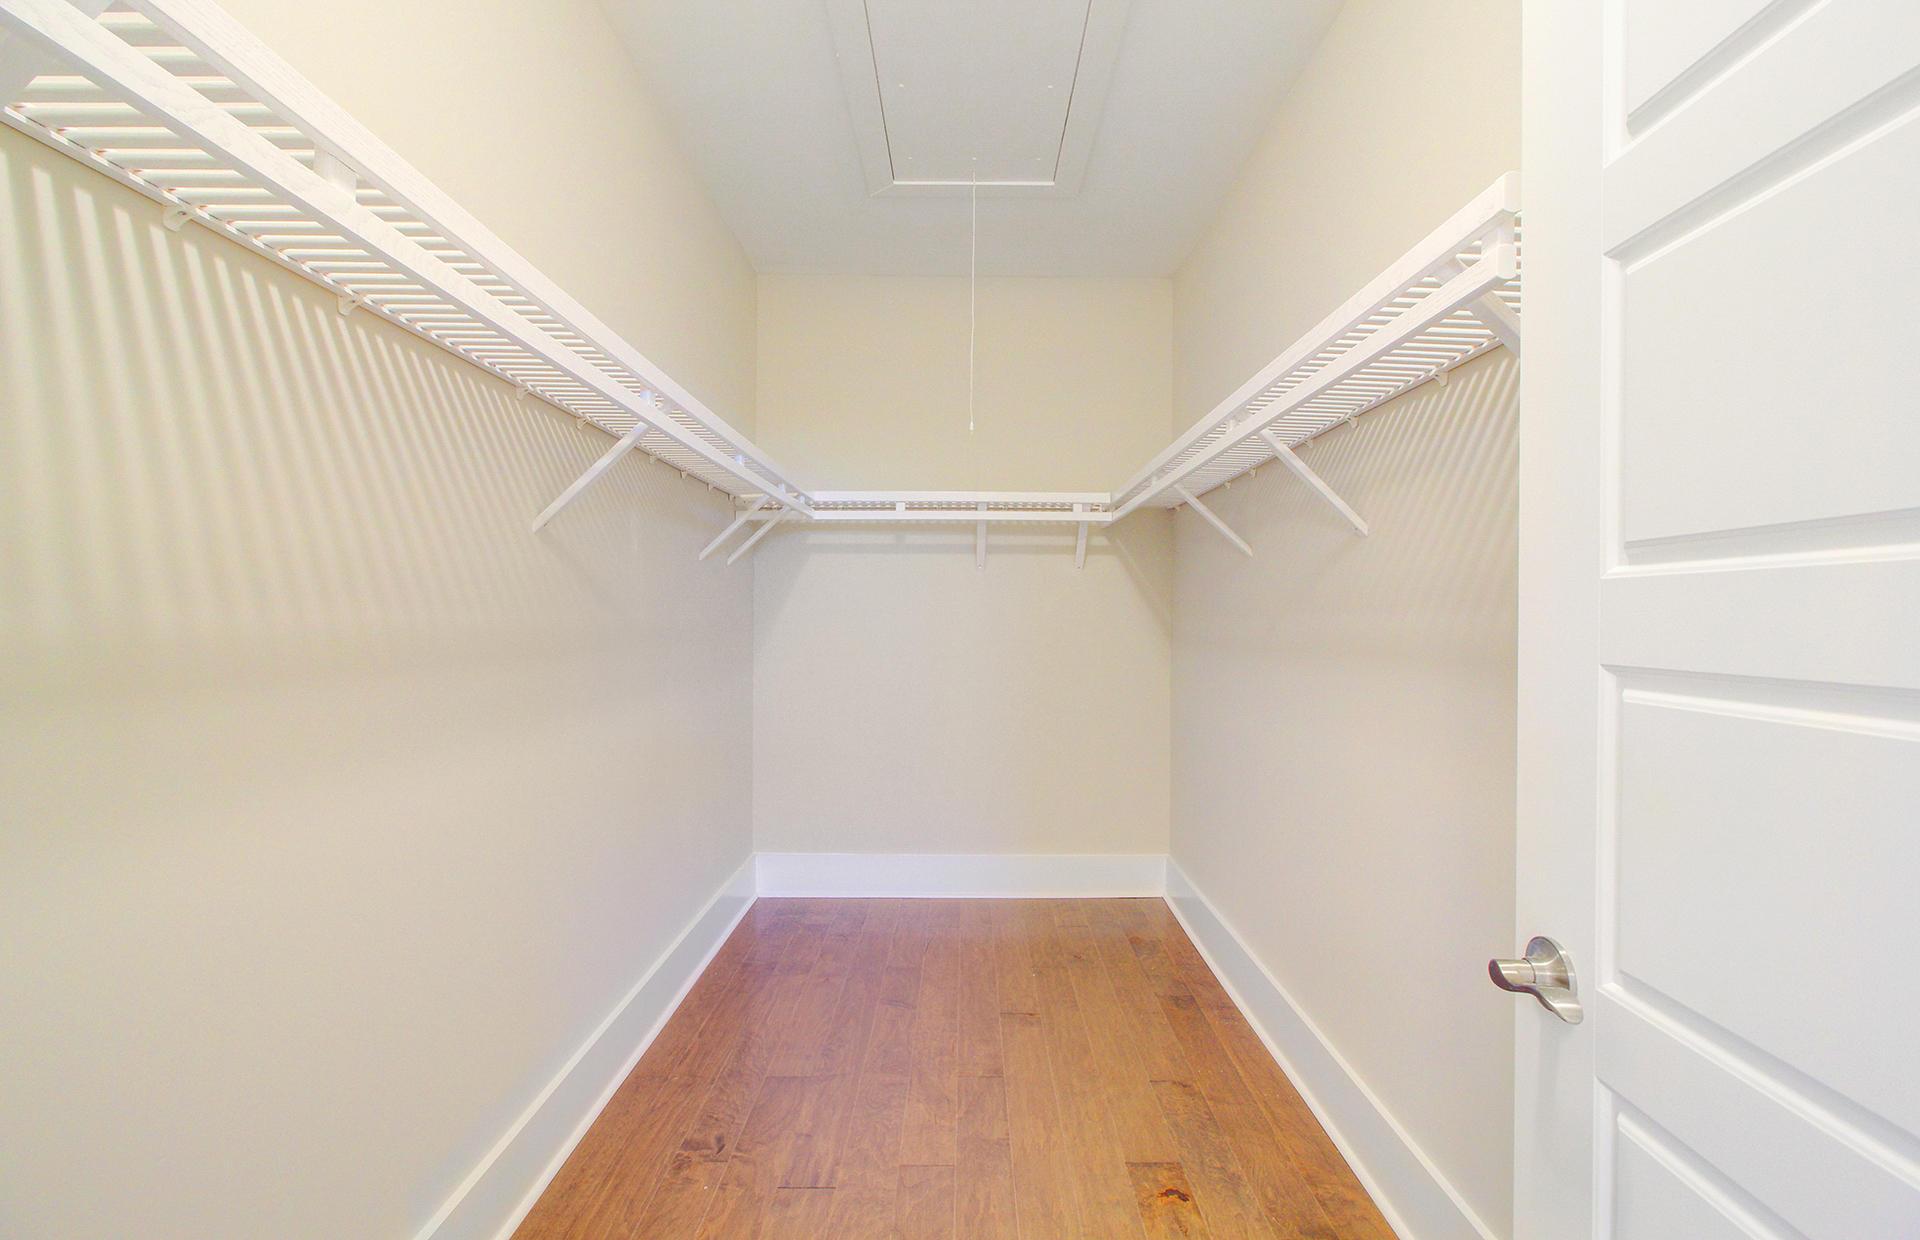 Dunes West Homes For Sale - 2420 Brackish, Mount Pleasant, SC - 10